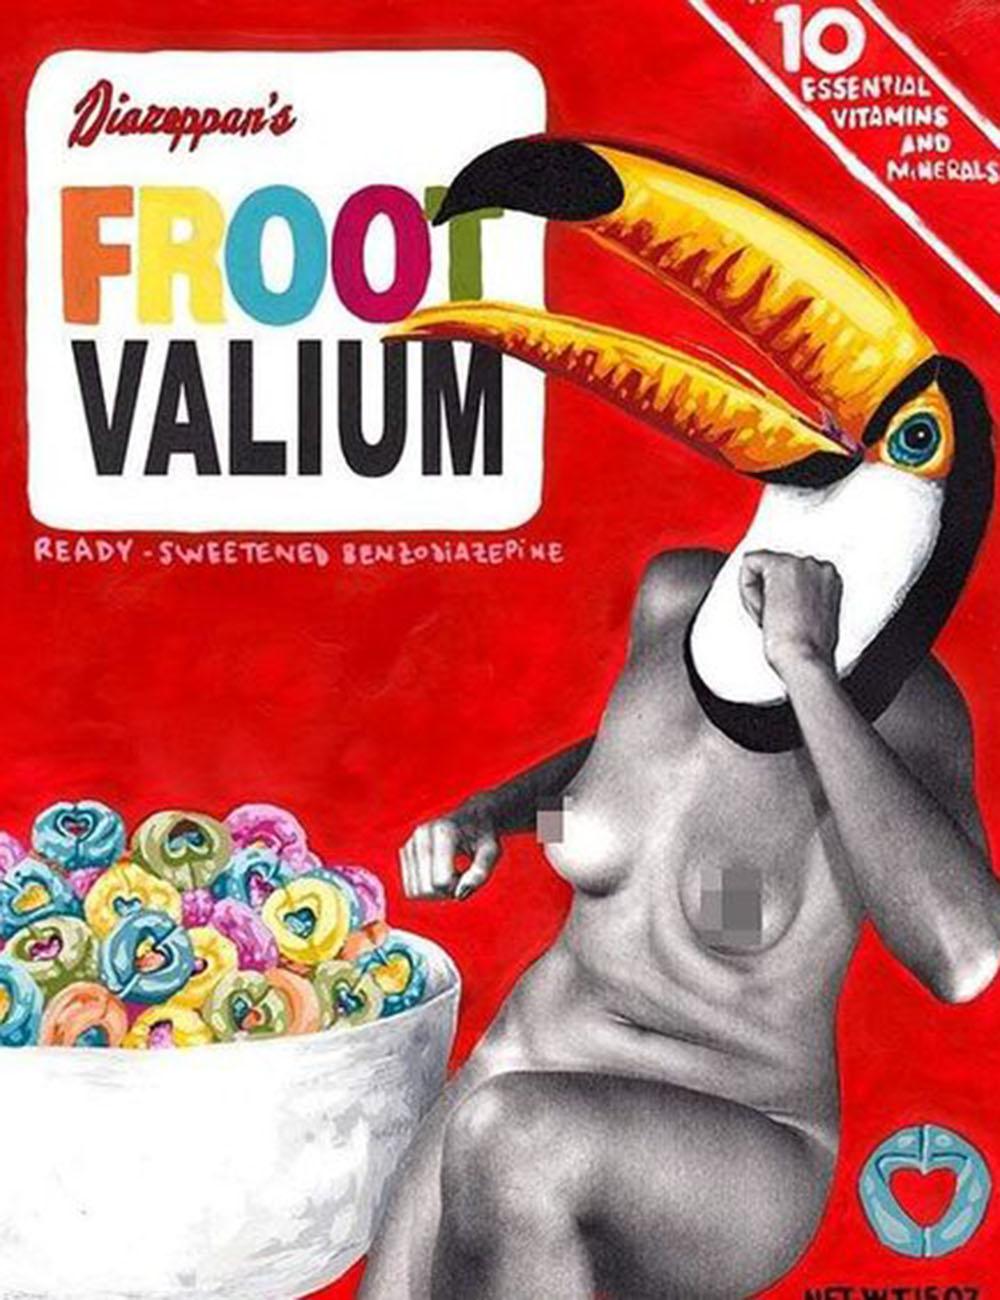 vinz feel free_opera_froot valium